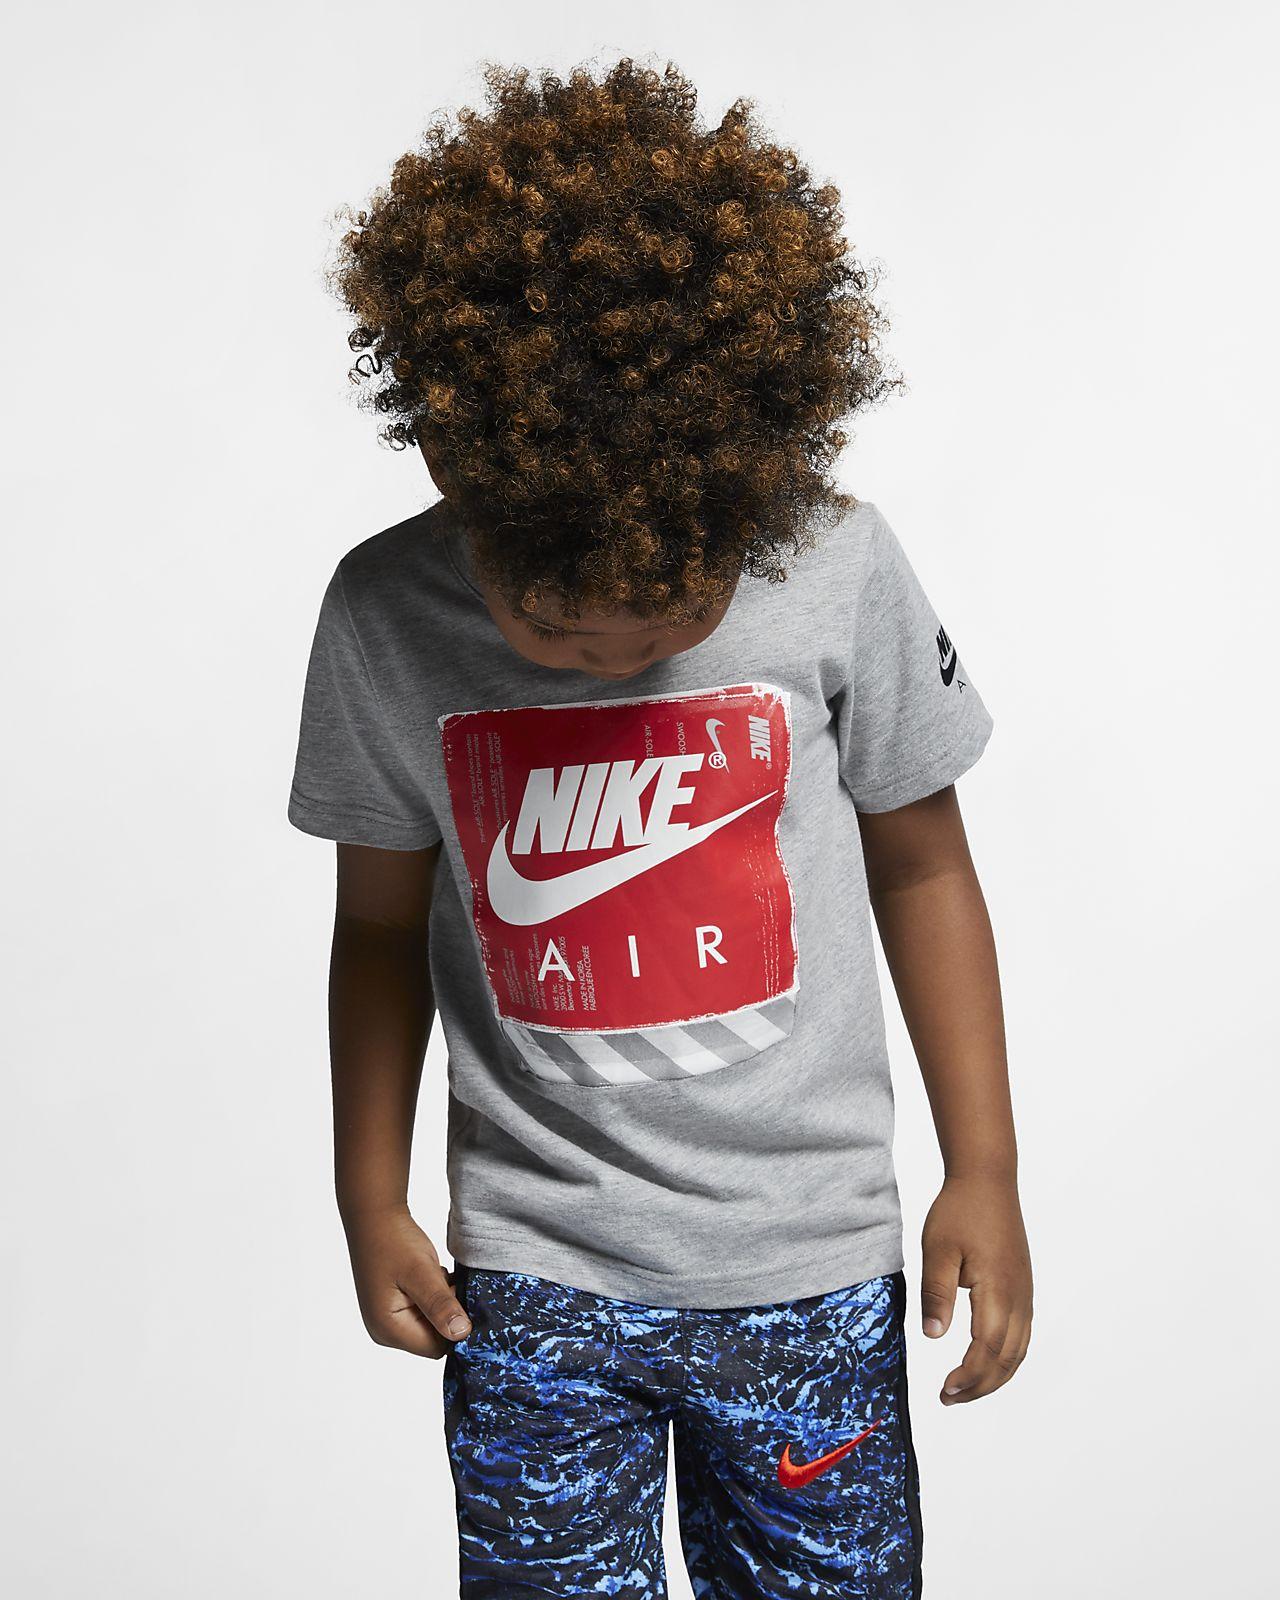 Nike Air Camiseta - Niño/a pequeño/a